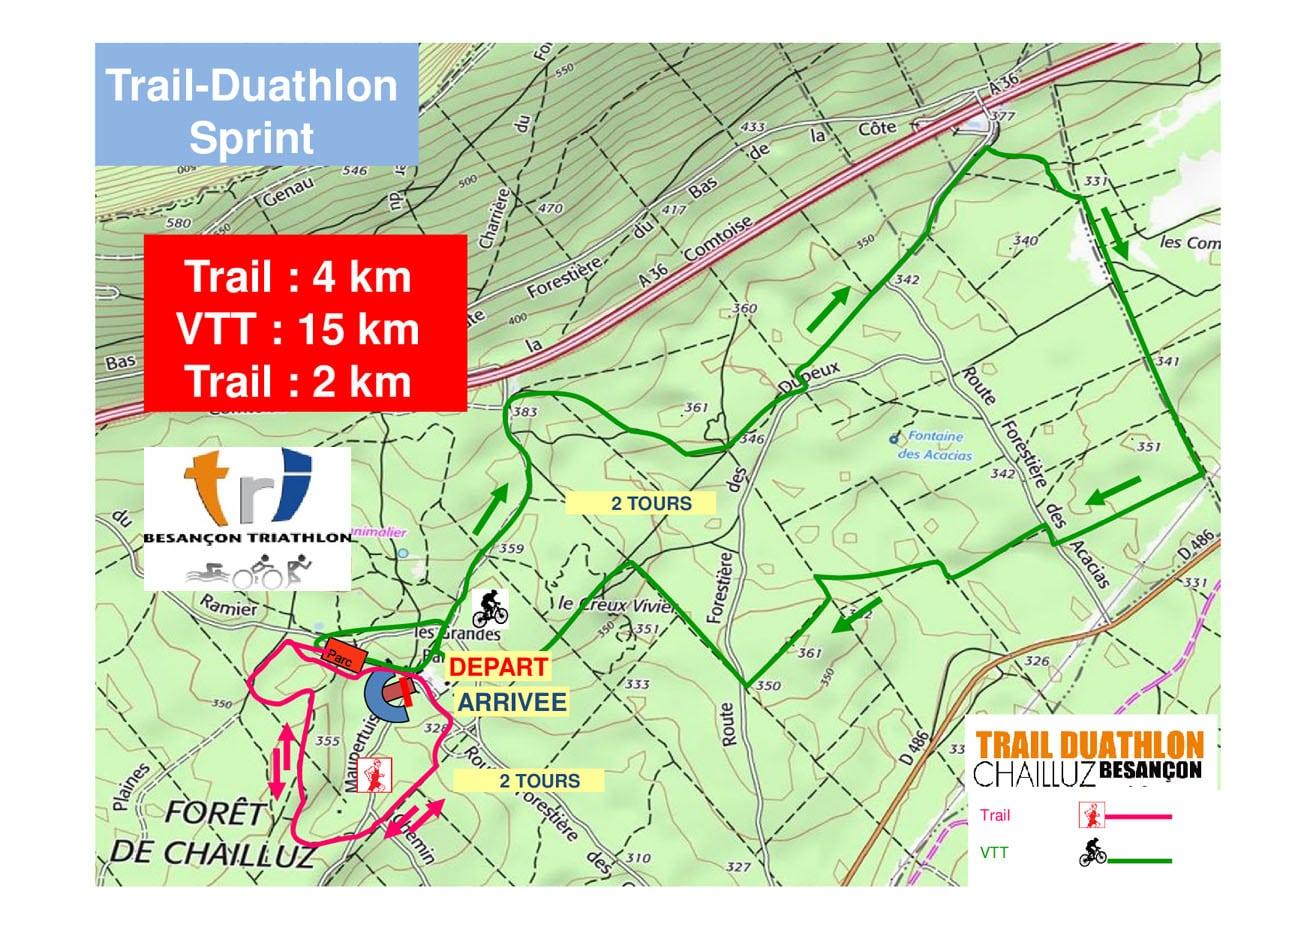 Parcours Sprint Relais Trail Duathlon Chailluz